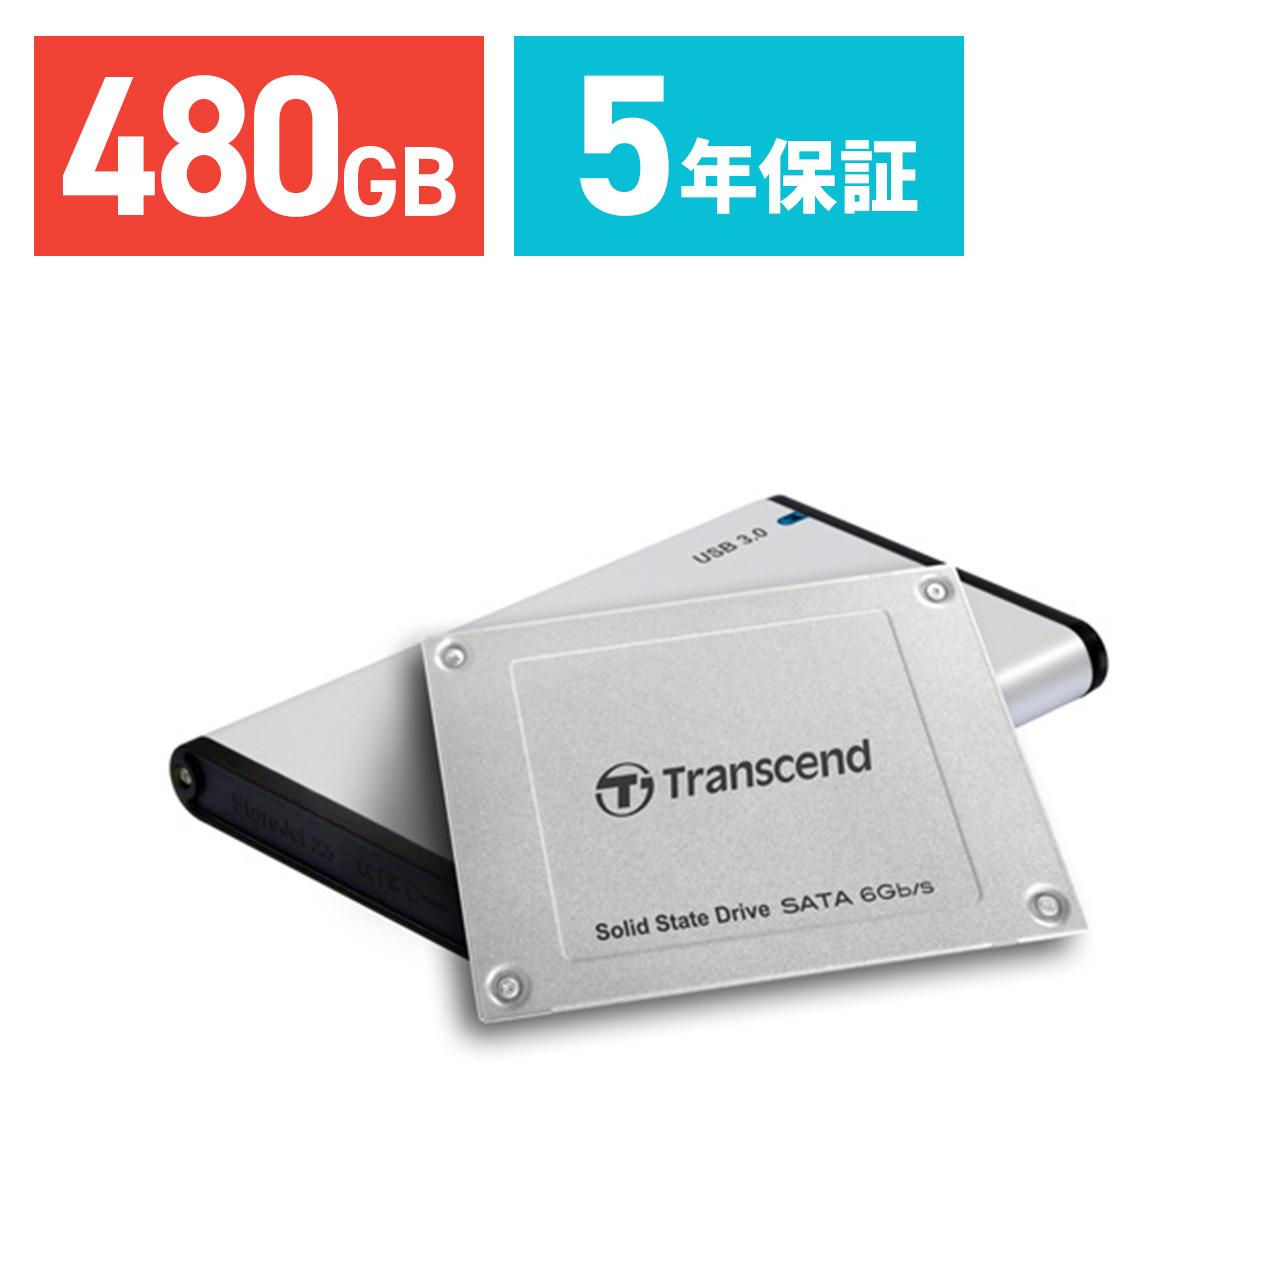 【3月15日値下げしました】Transcend SSD MacBook Pro/MacBook/Mac mini専用アップグレードキット 480GB JetDrive 420 SATAIII対応 [TS480GJDM420]【送料無料】